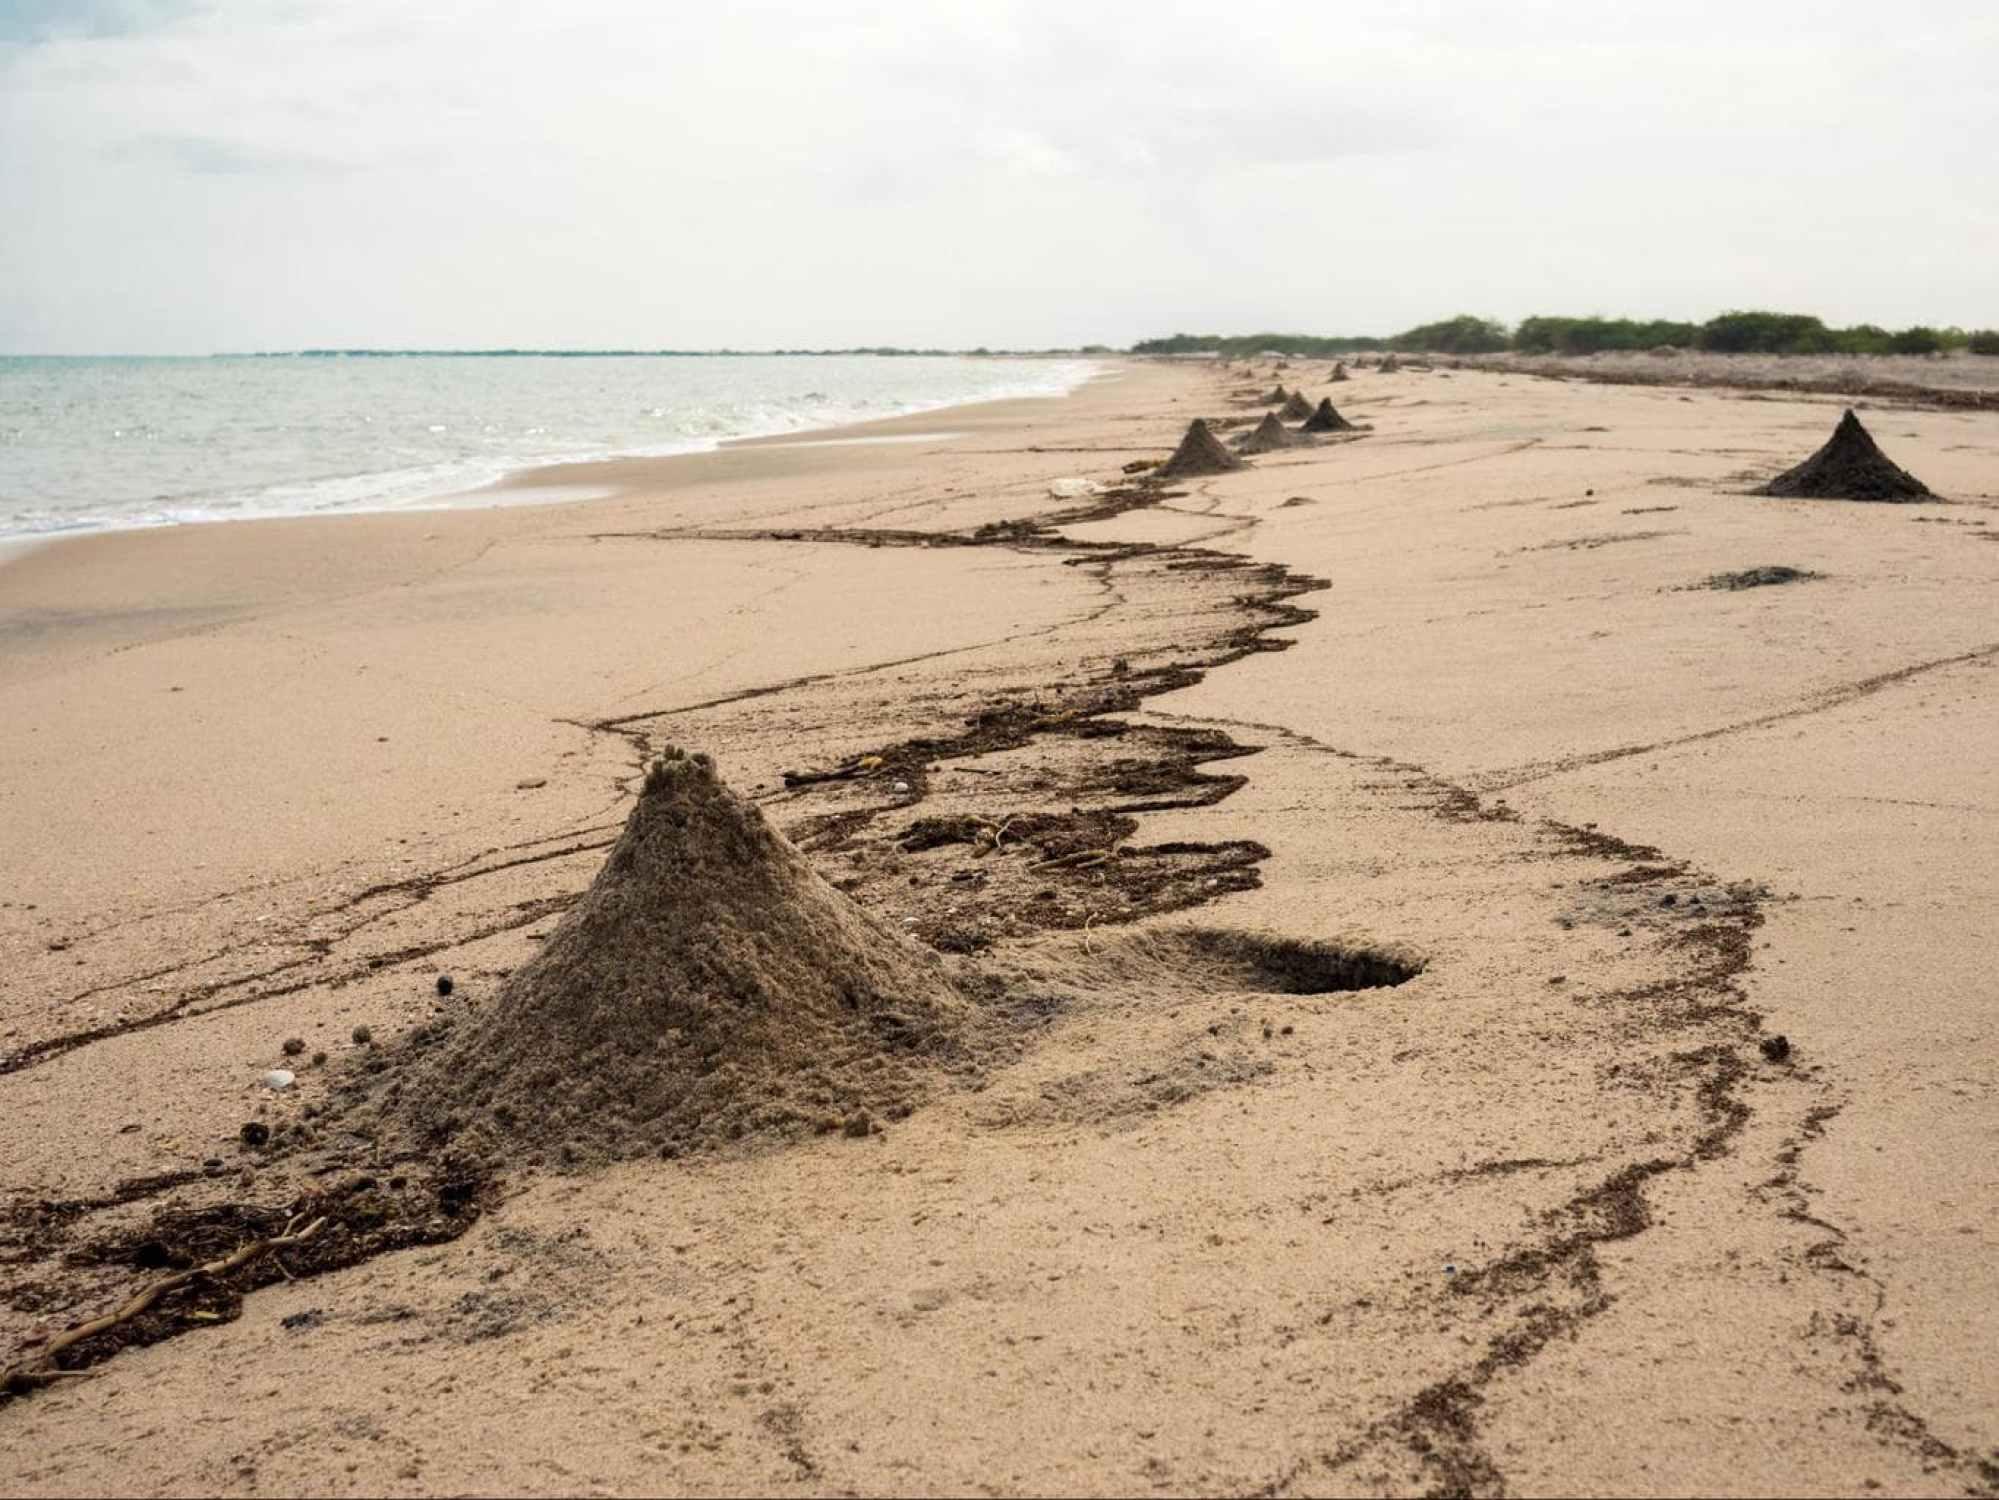 The beach in Berbera